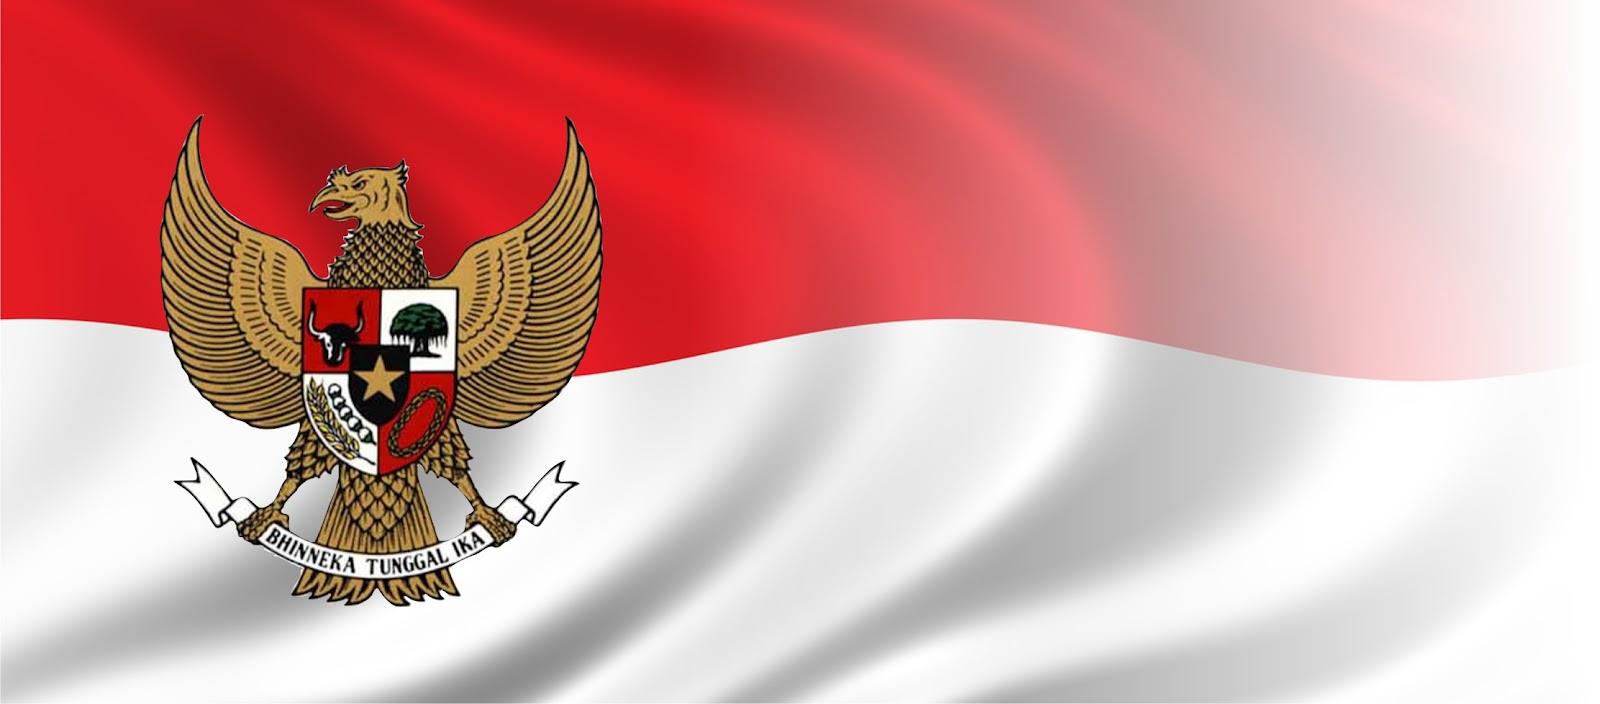 VISIT INDONESIA 2014